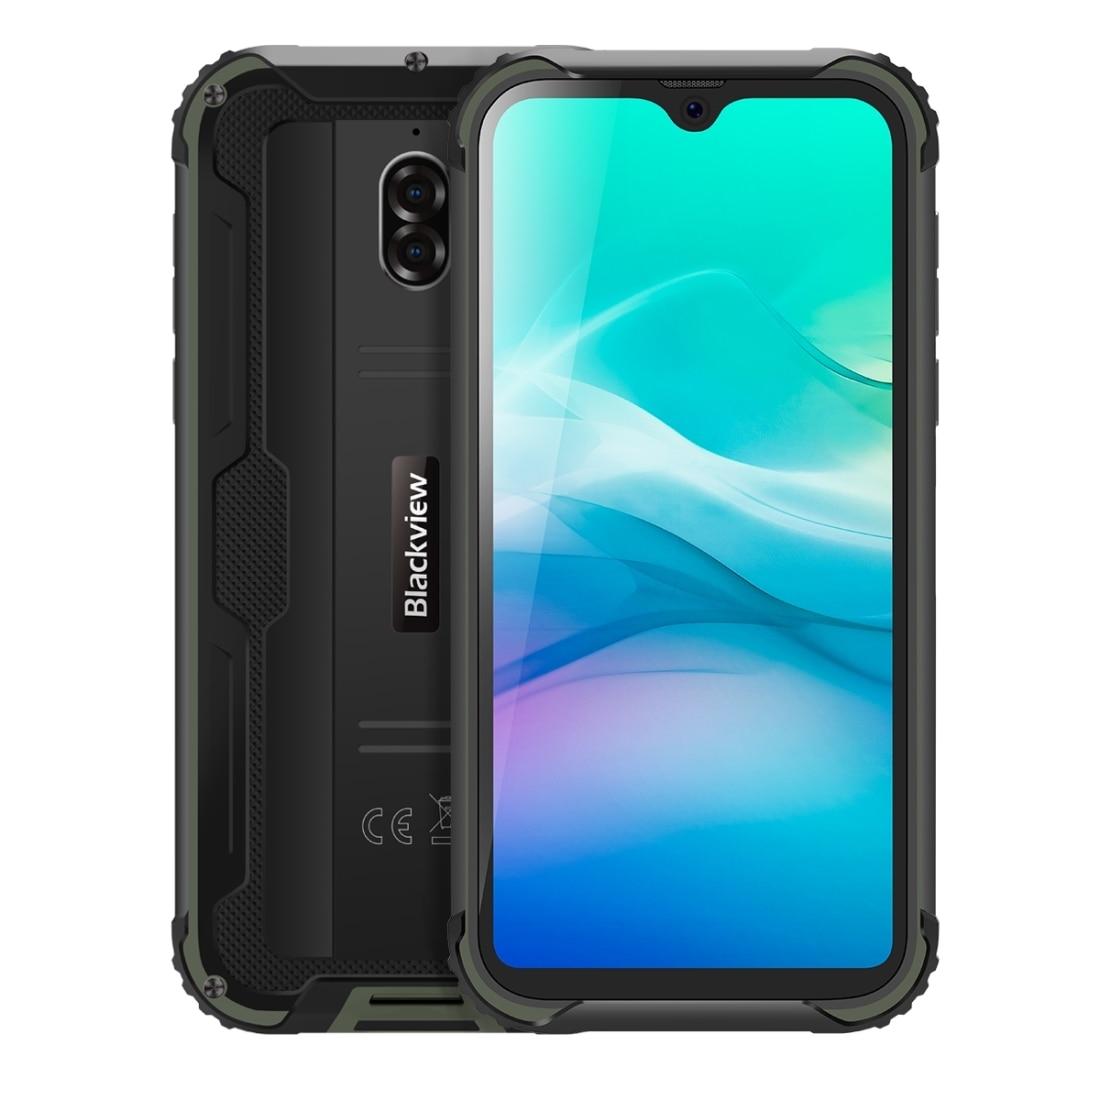 Смартфон Blackview BV5900 защищенный, IP68, 3 + 32 ГБ, экран 5,7 дюйма, 5580 мАч, MTK6761 четыре ядра, Android 9,0 Pie, NFC, 4G